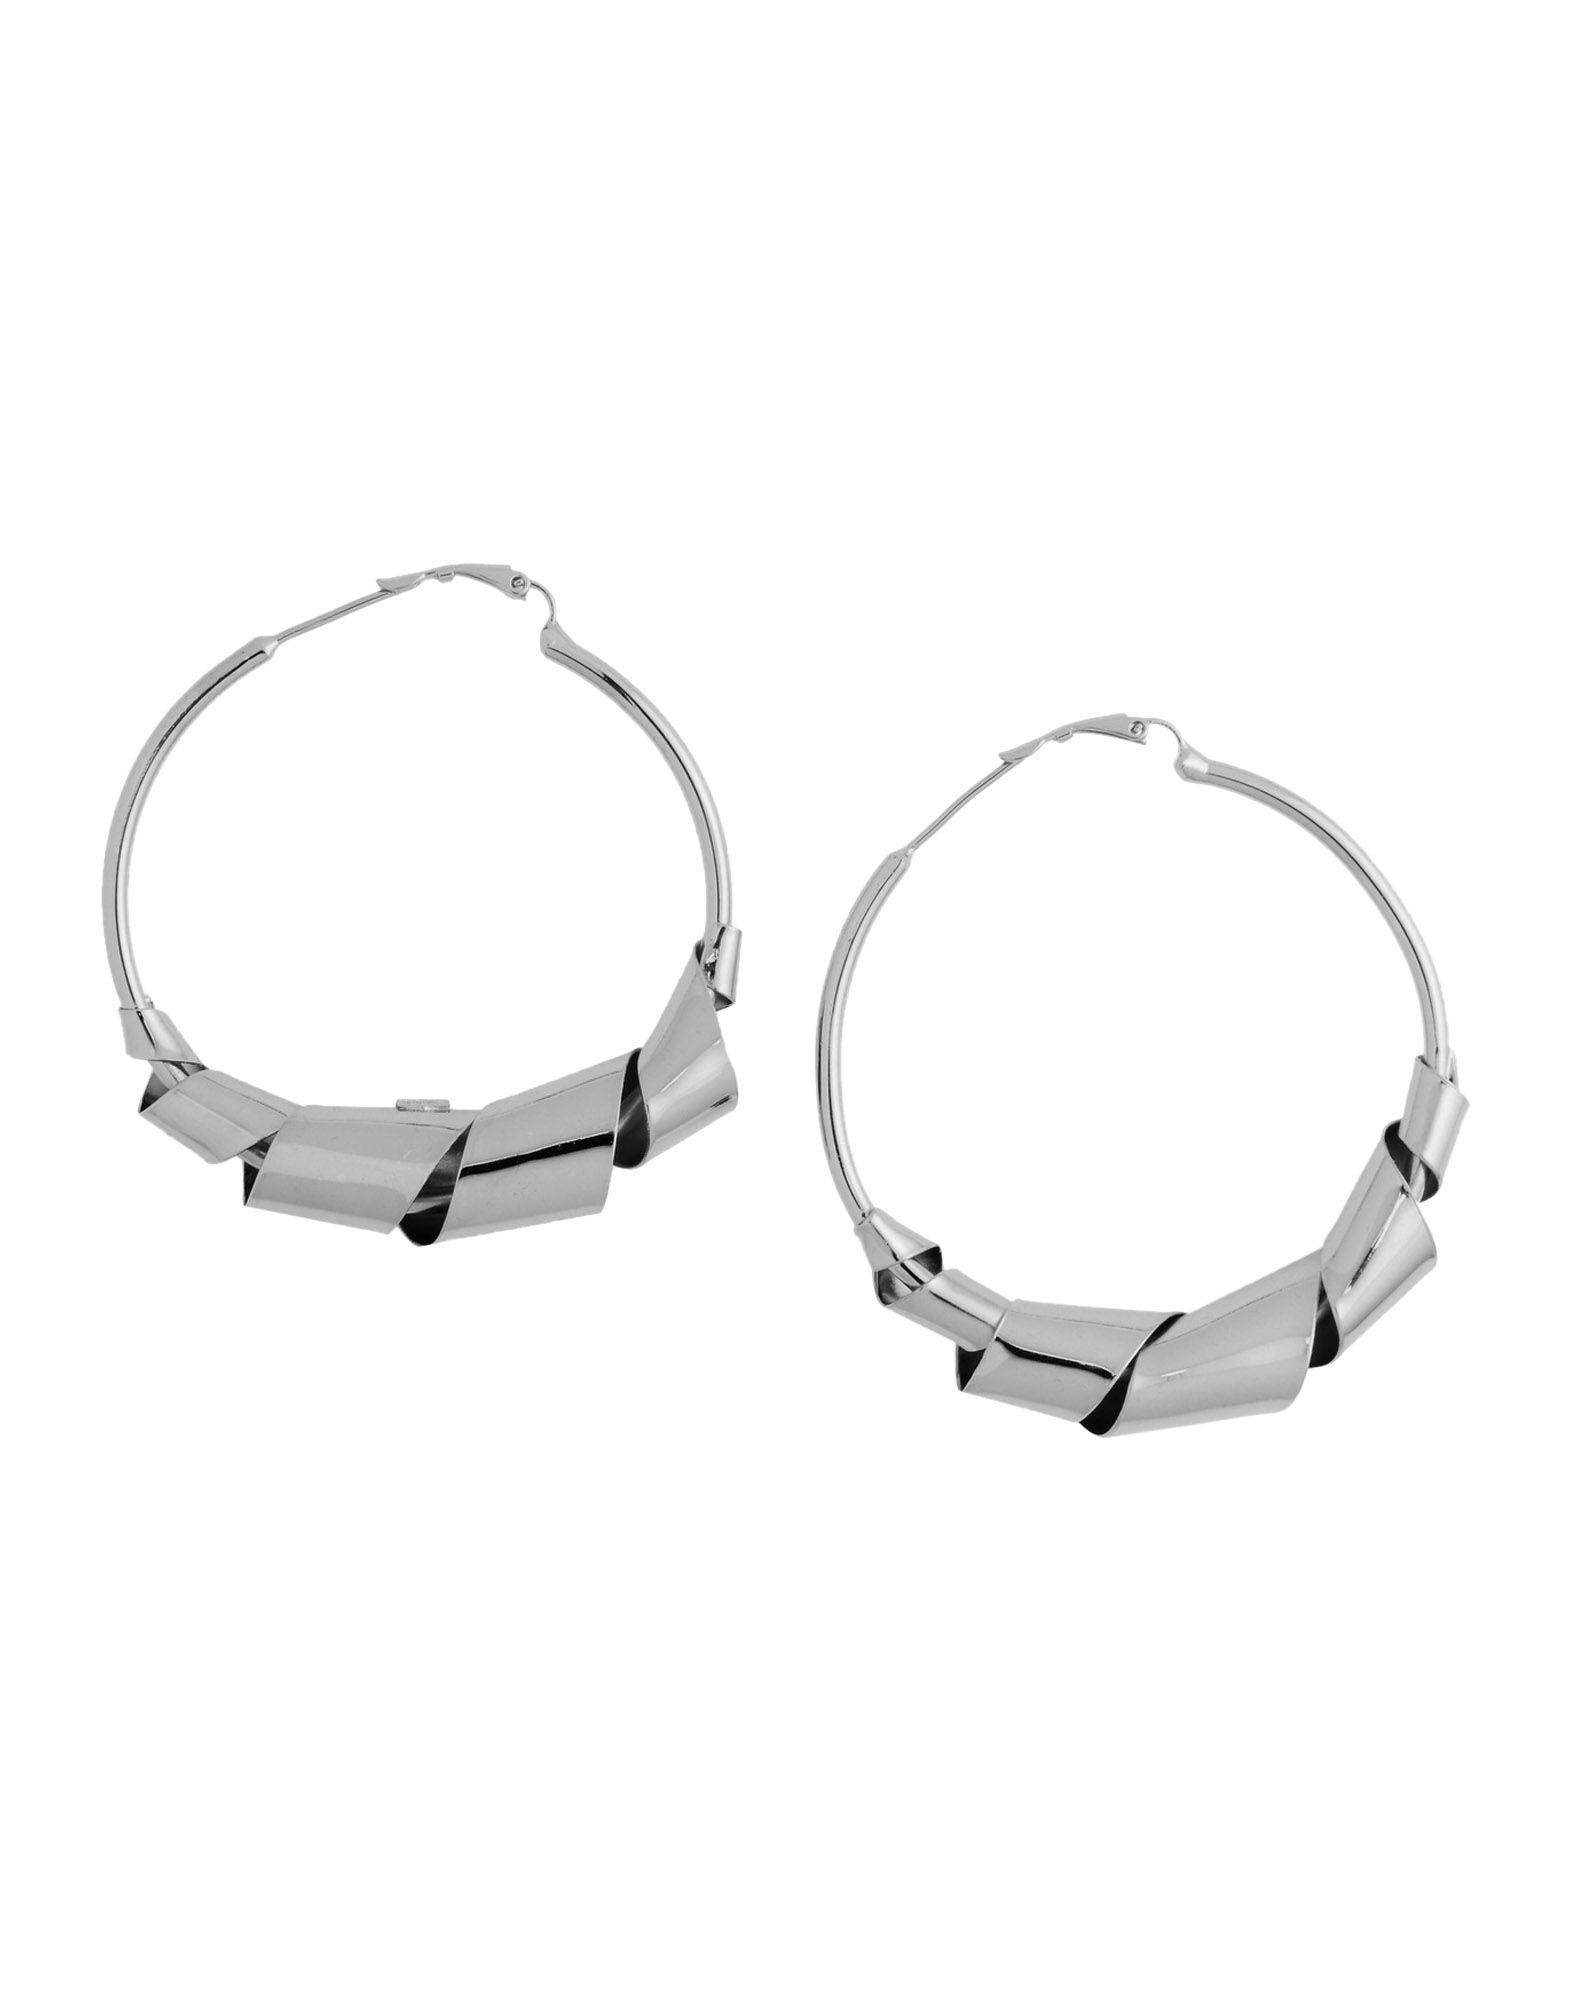 SHARRA PAGANO Earrings in Lead